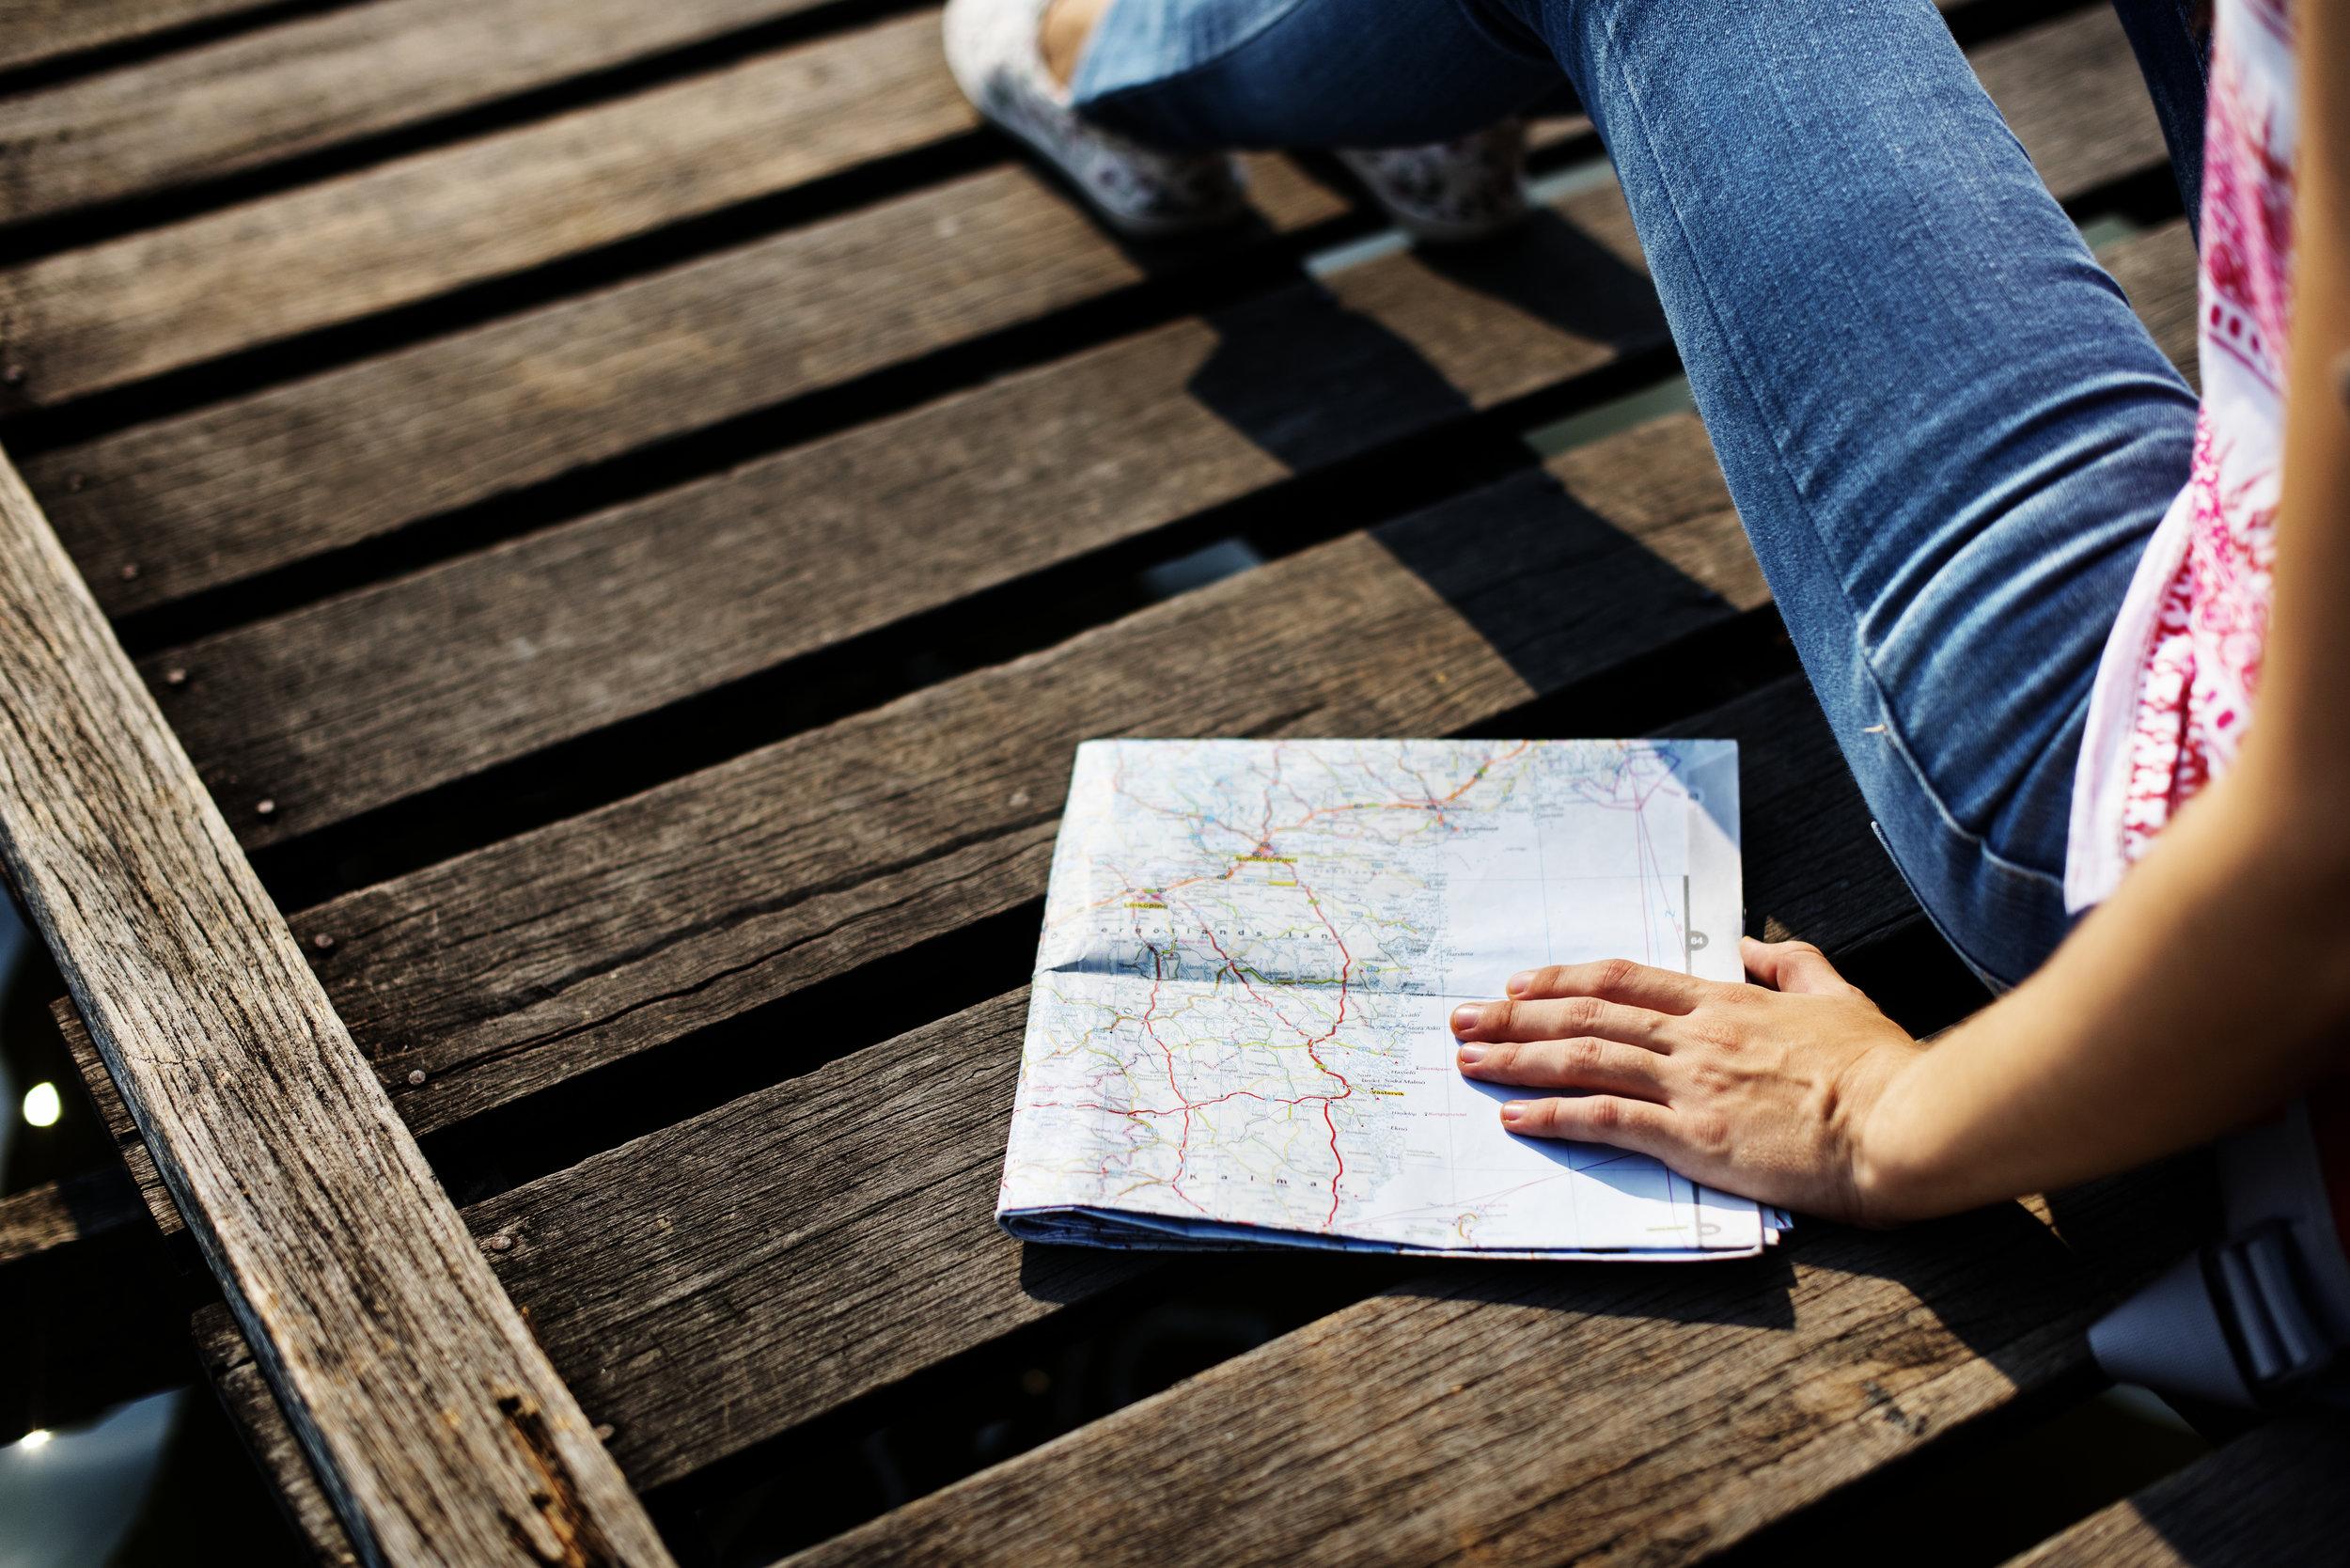 Escoge tu ruta y paradas - Esta es una etapa que dependerá de cómo eres y cuáles son tus gustos. Cada viajera es diferente y debe organizar su ruta de acuerdo con sus expectativas y no las de otros. Sin embargo, es muy recomendable que tengas al menos claro cuáles son los lugares que no deberías perderte. Sé inteligente, organiza tu ruta que cumpla dos propósitos simultáneos: ahorro de tiempo y dinero.